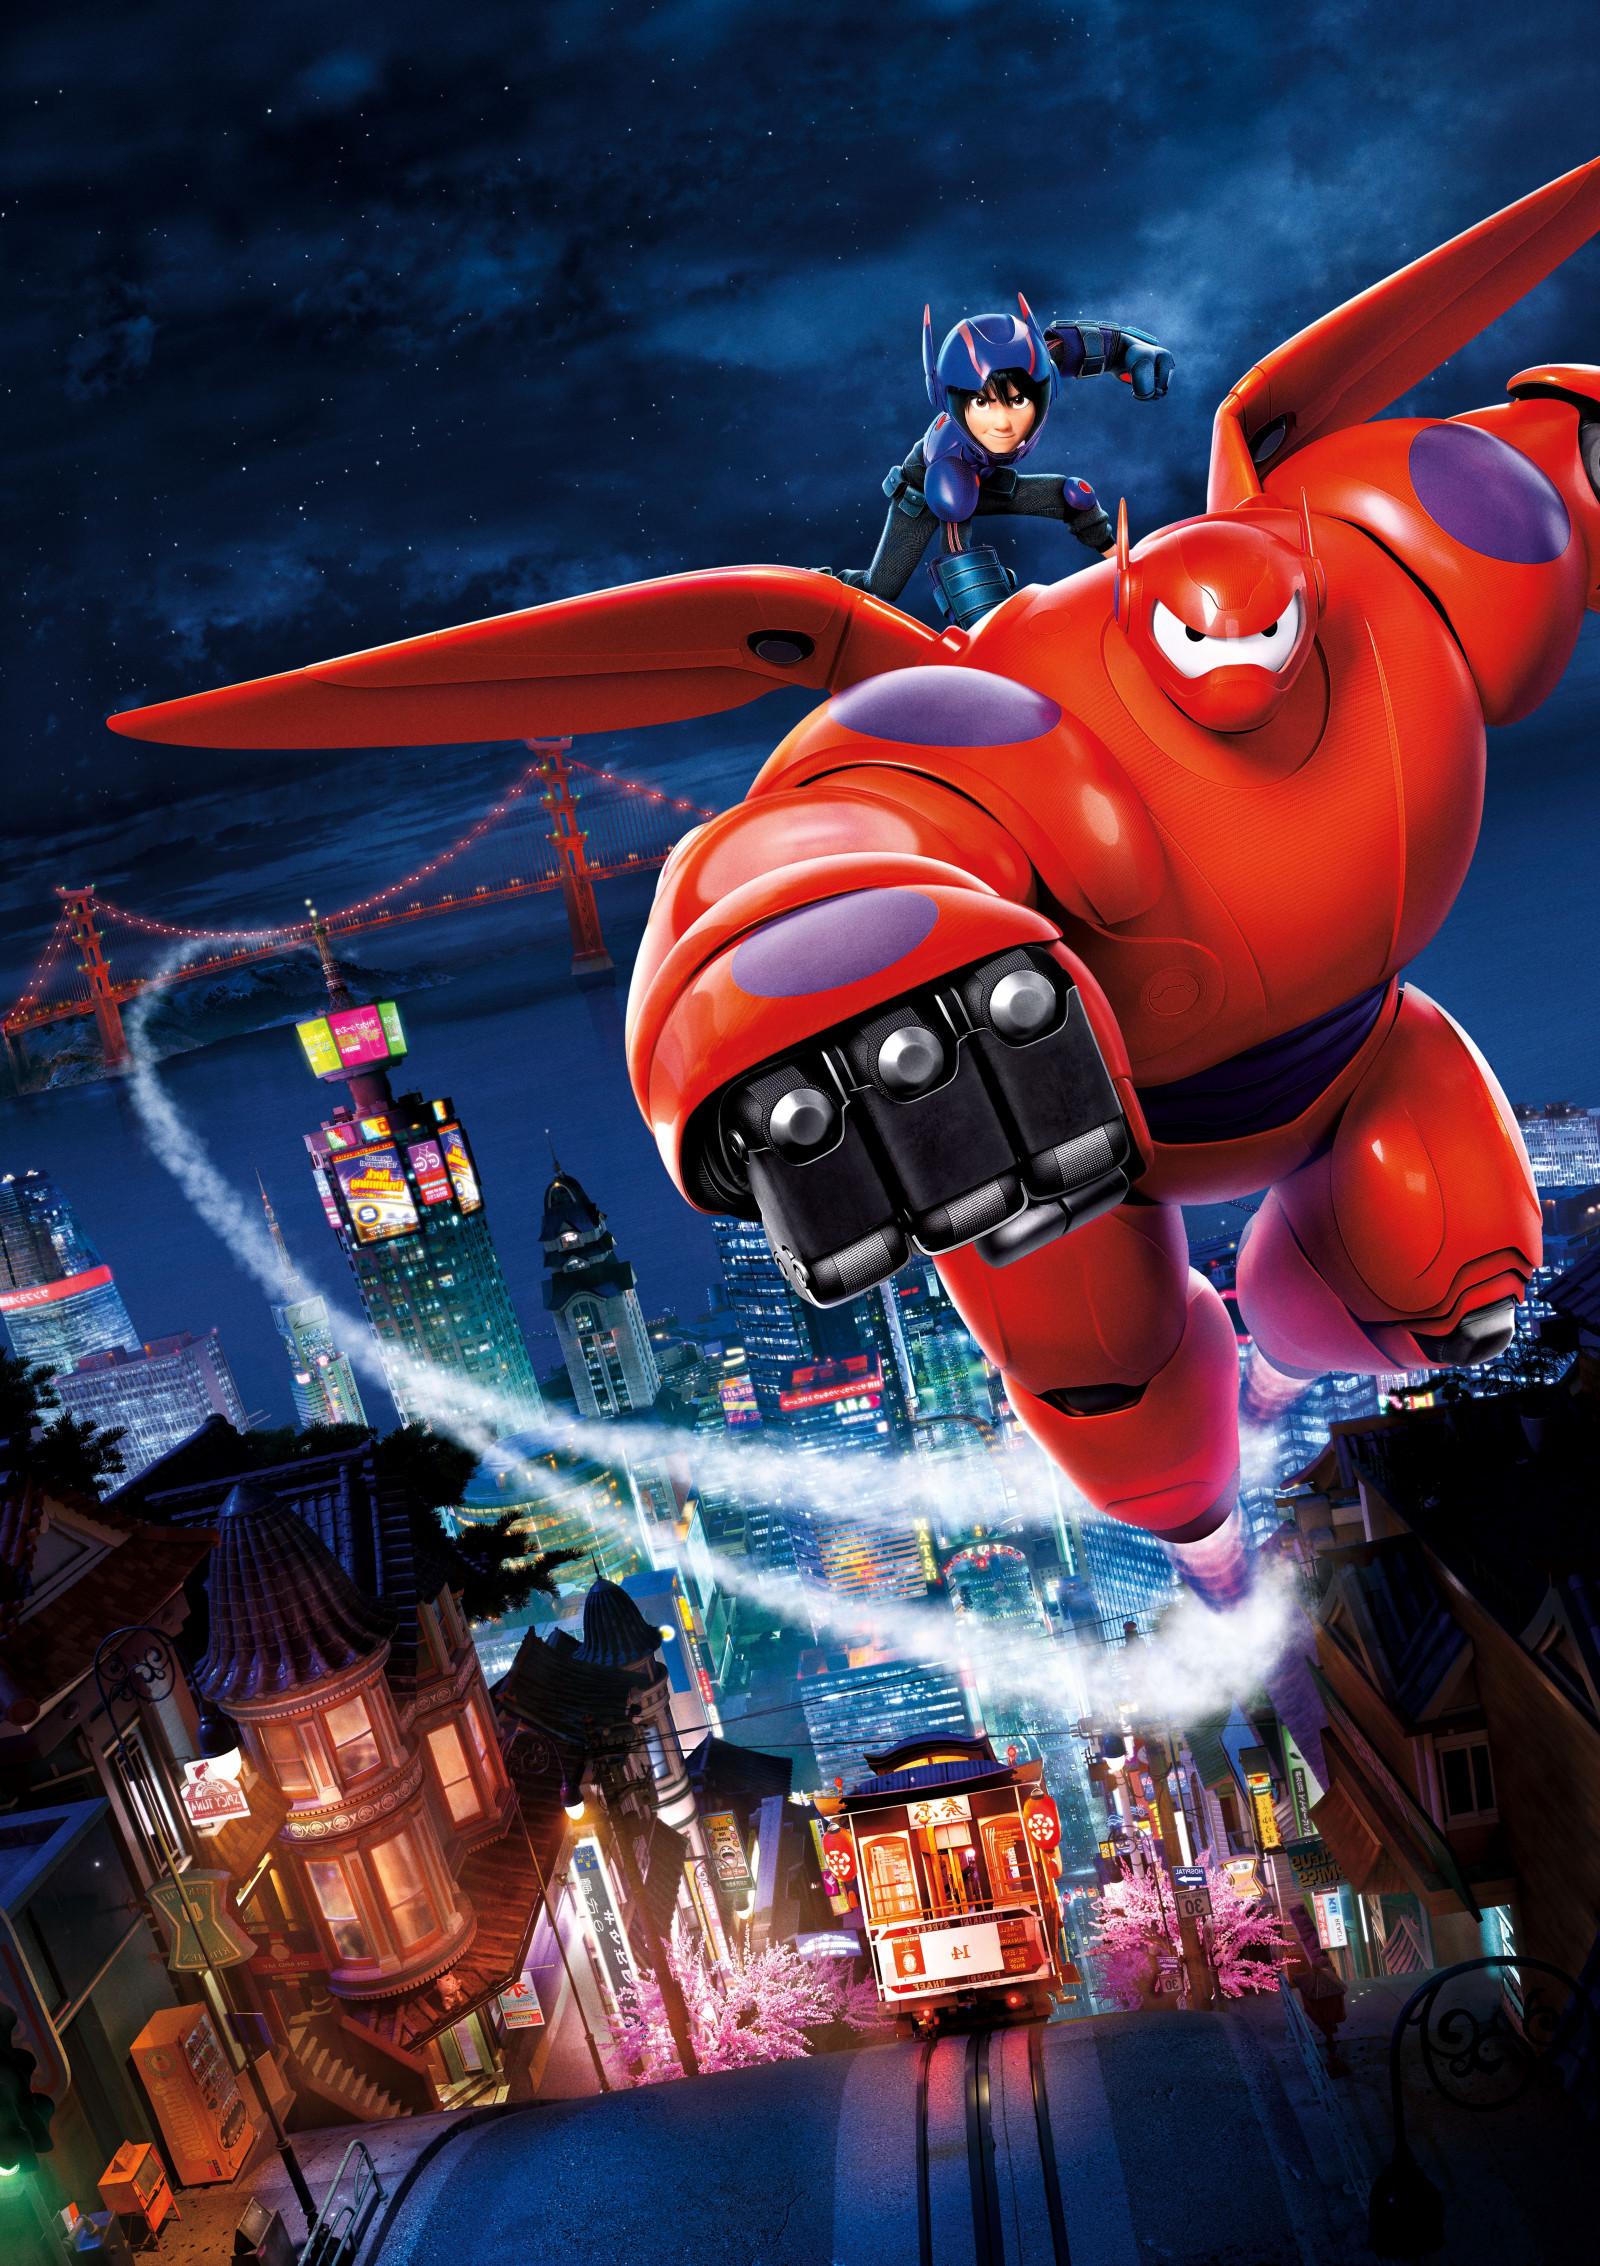 デスクトップ壁紙 図 映画 ベイマックスビッグヒーロー6 おもちゃ